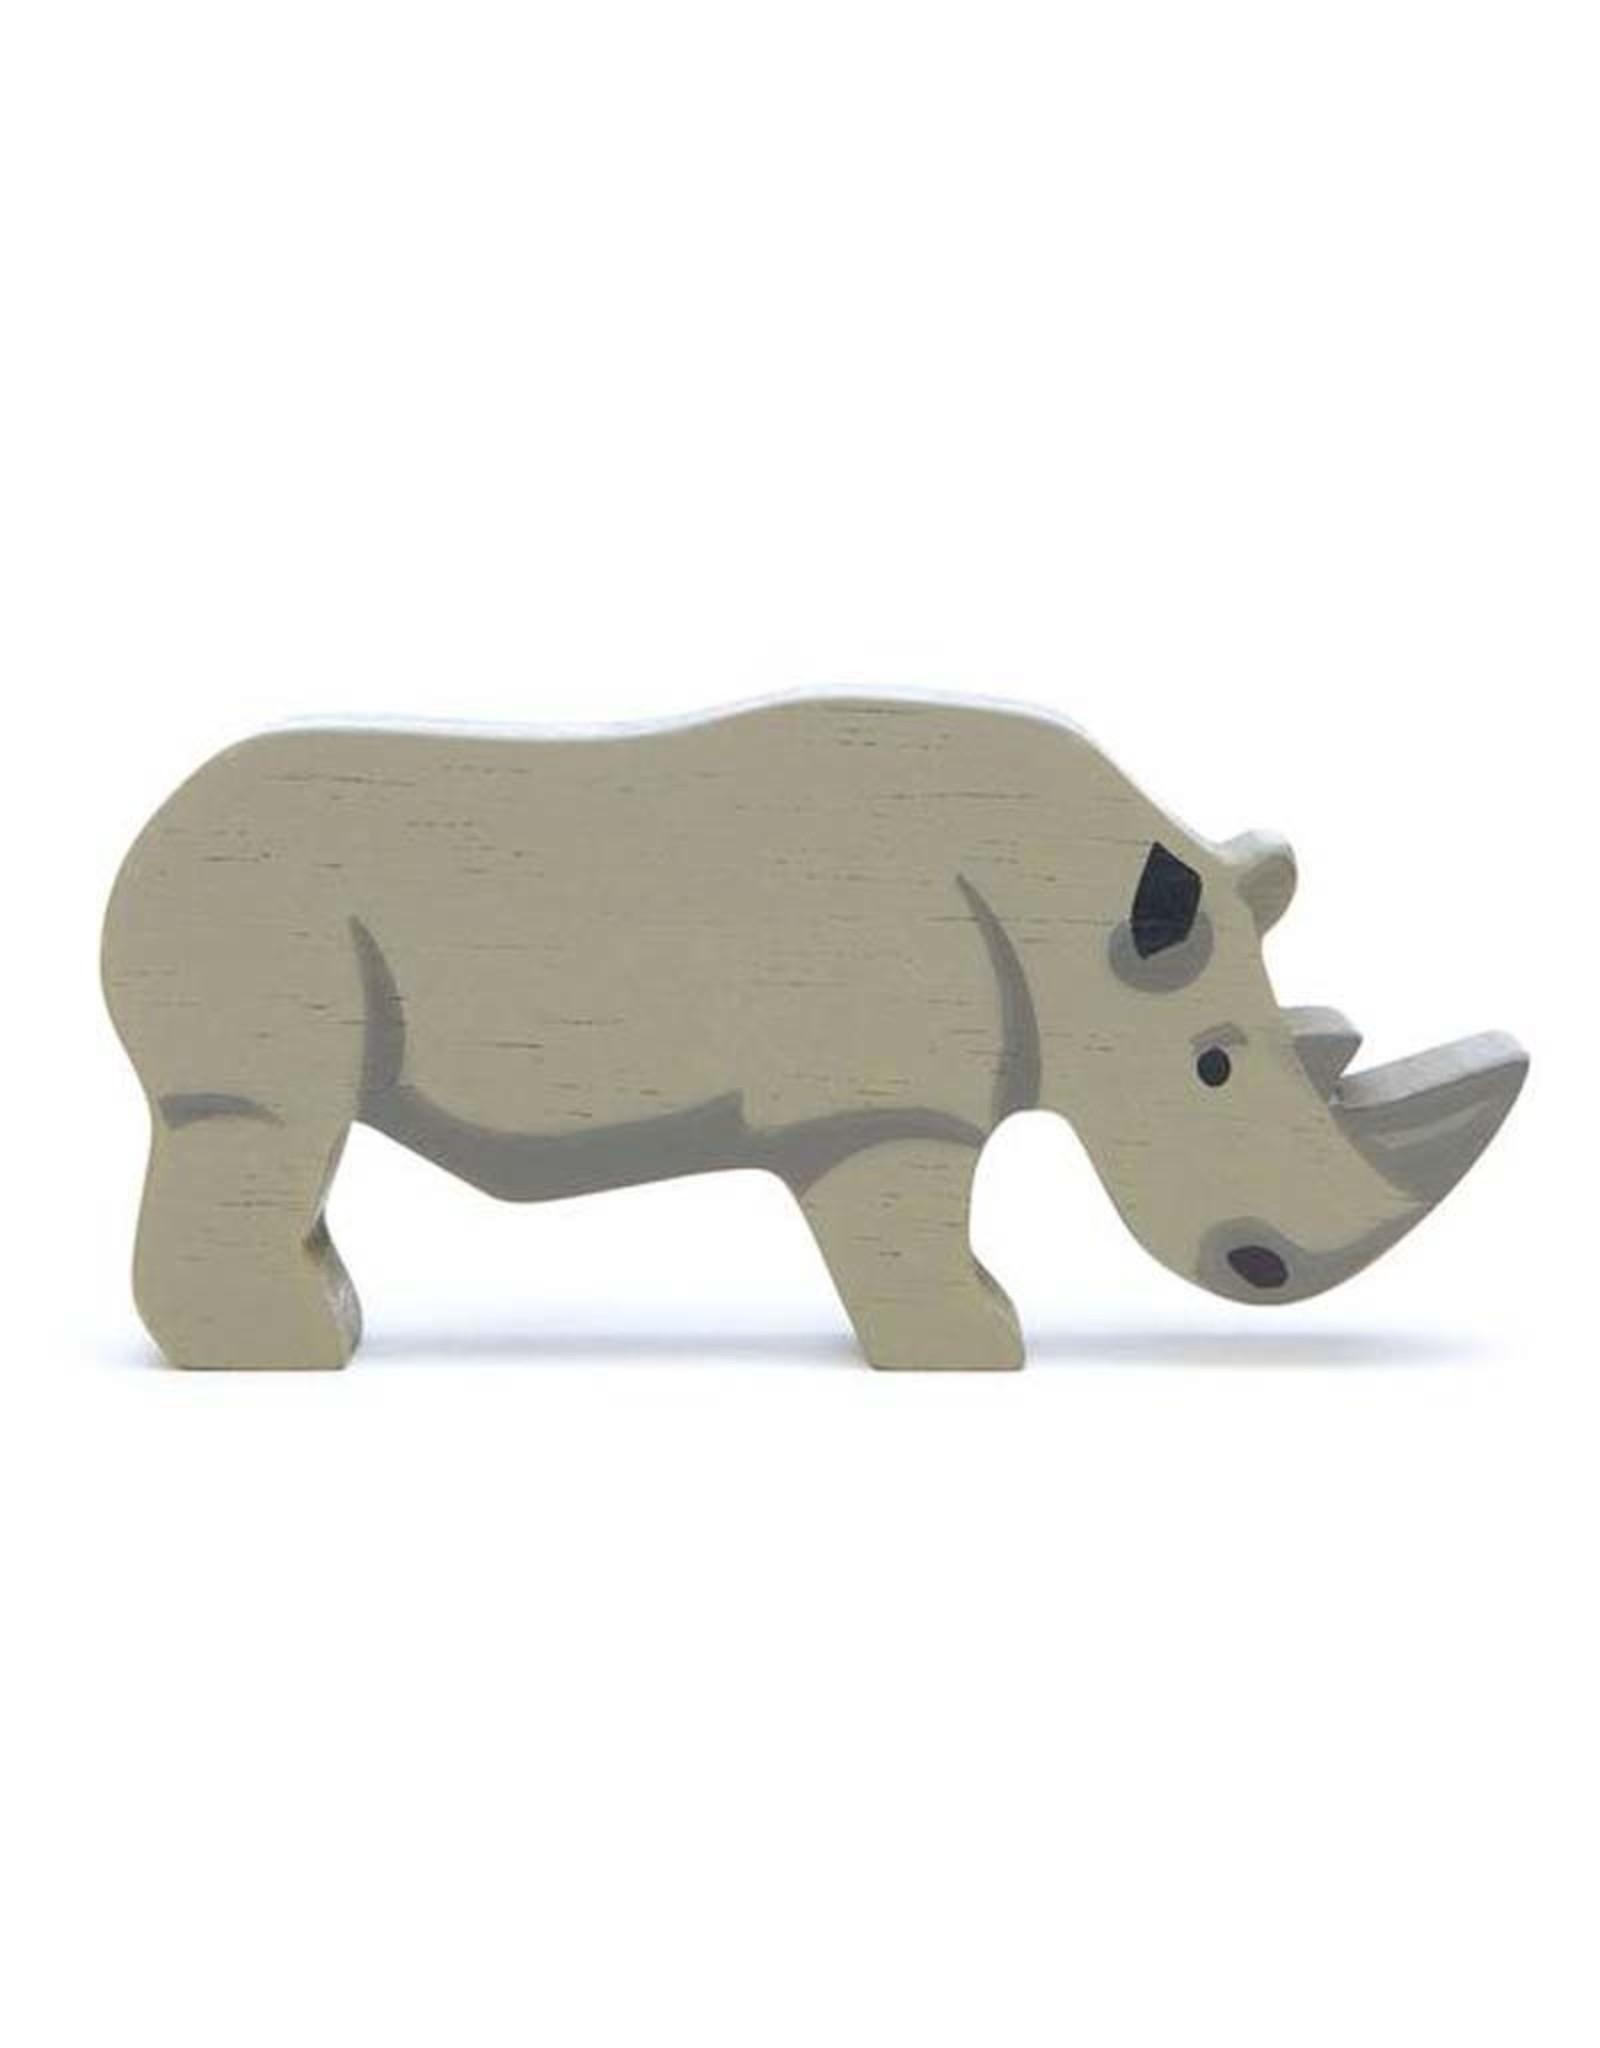 Tender Leaf Tender Leaf Rhinoceros